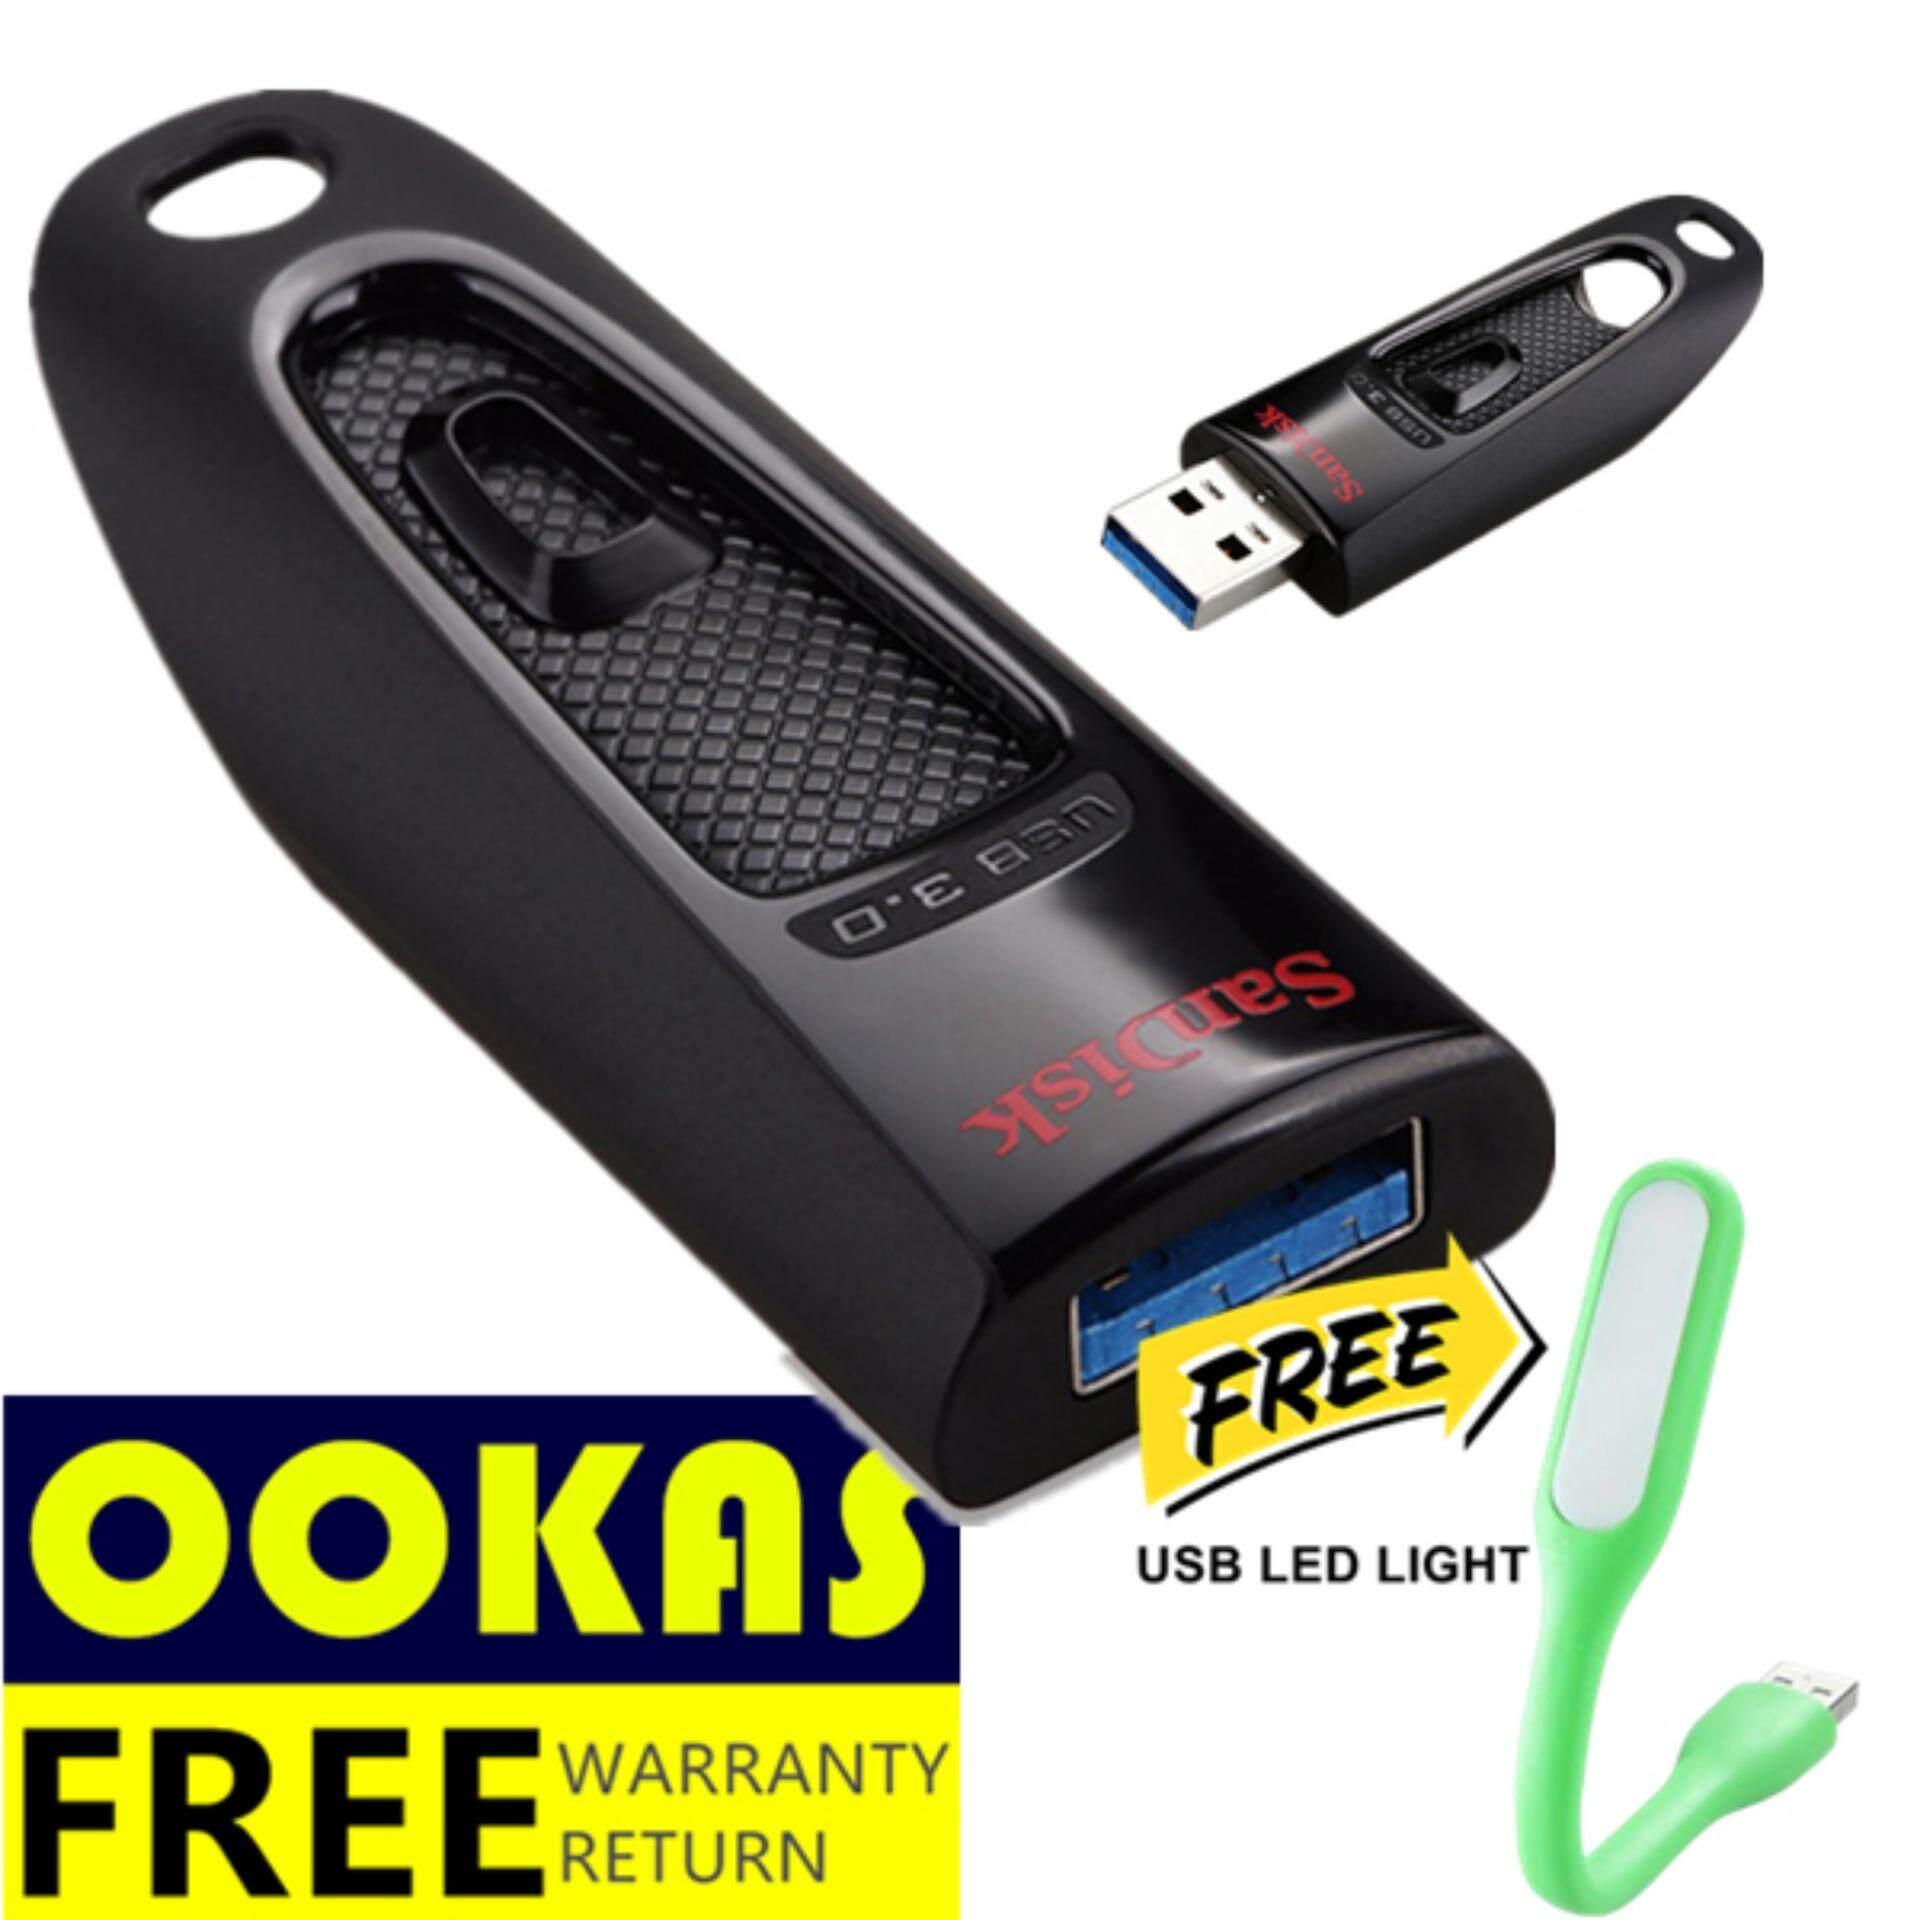 Fitur Sandisk Ixpand Mini 64gb 90mb S Usb 3 0 Flash Drive Dan Harga Sdix40n 128gb Ultra 100mb High Speed 30 Cz48